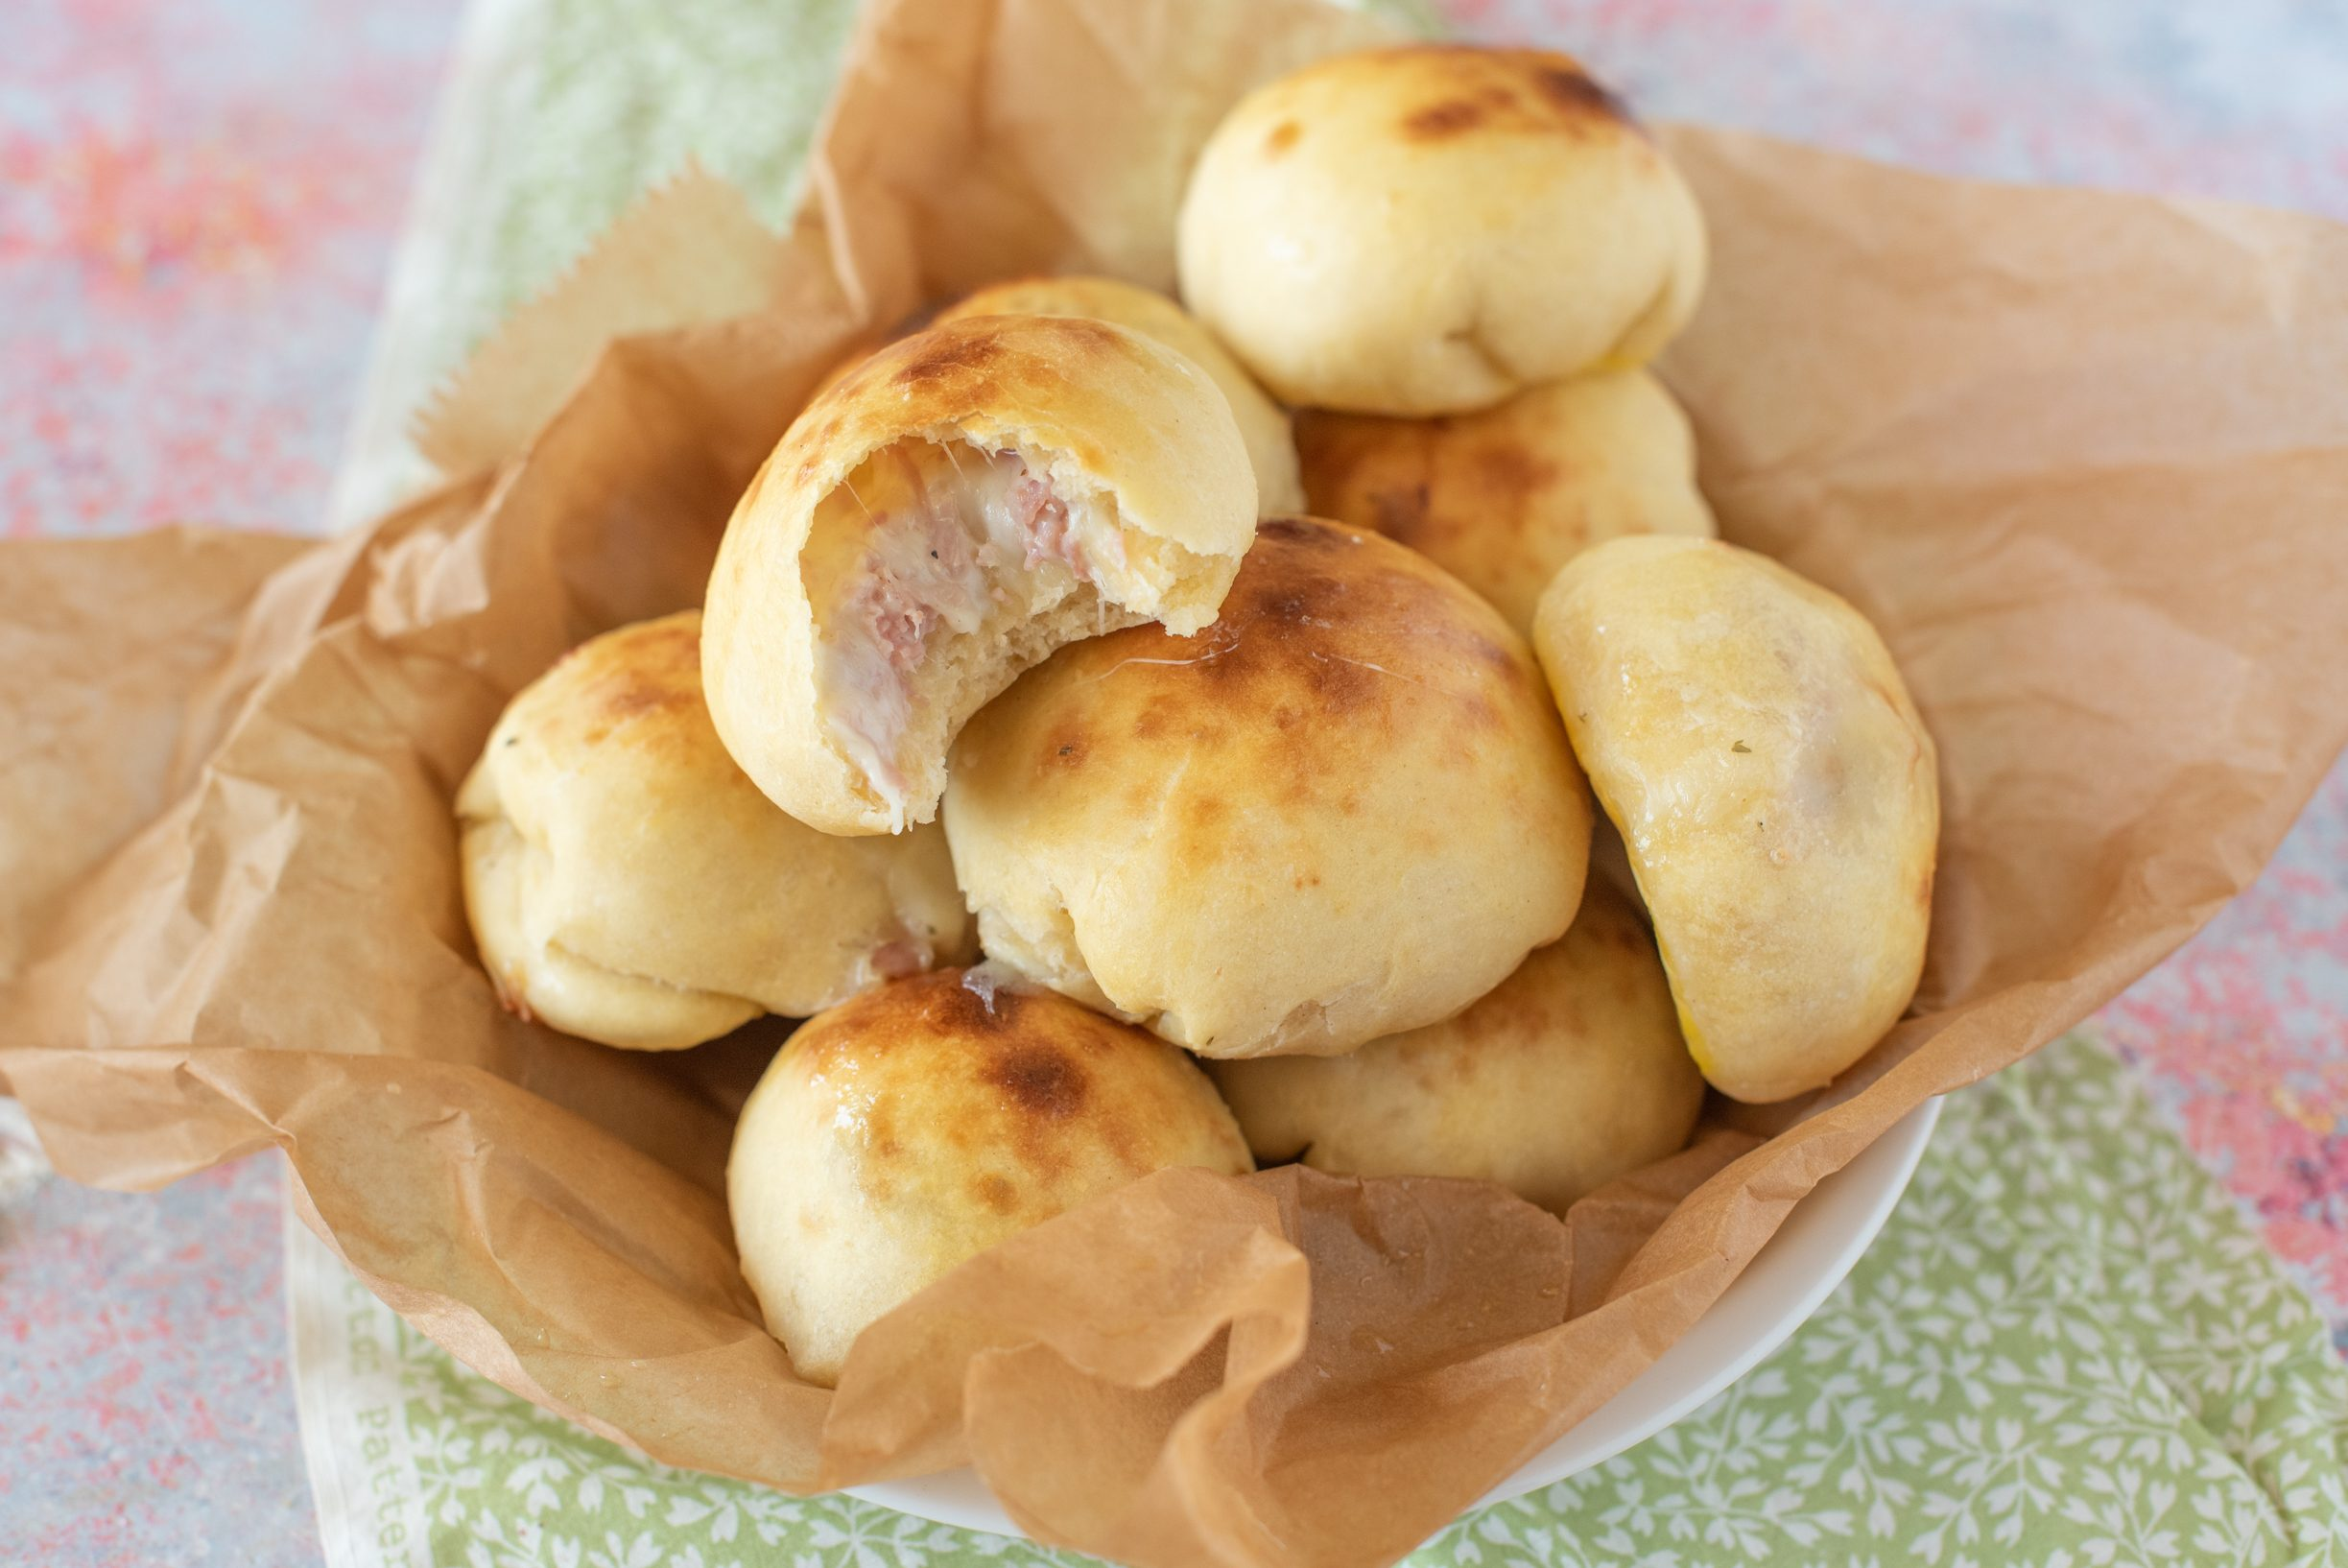 Bombe ripiene al forno: la ricetta dei golosi paninetti salati dal cuore filante